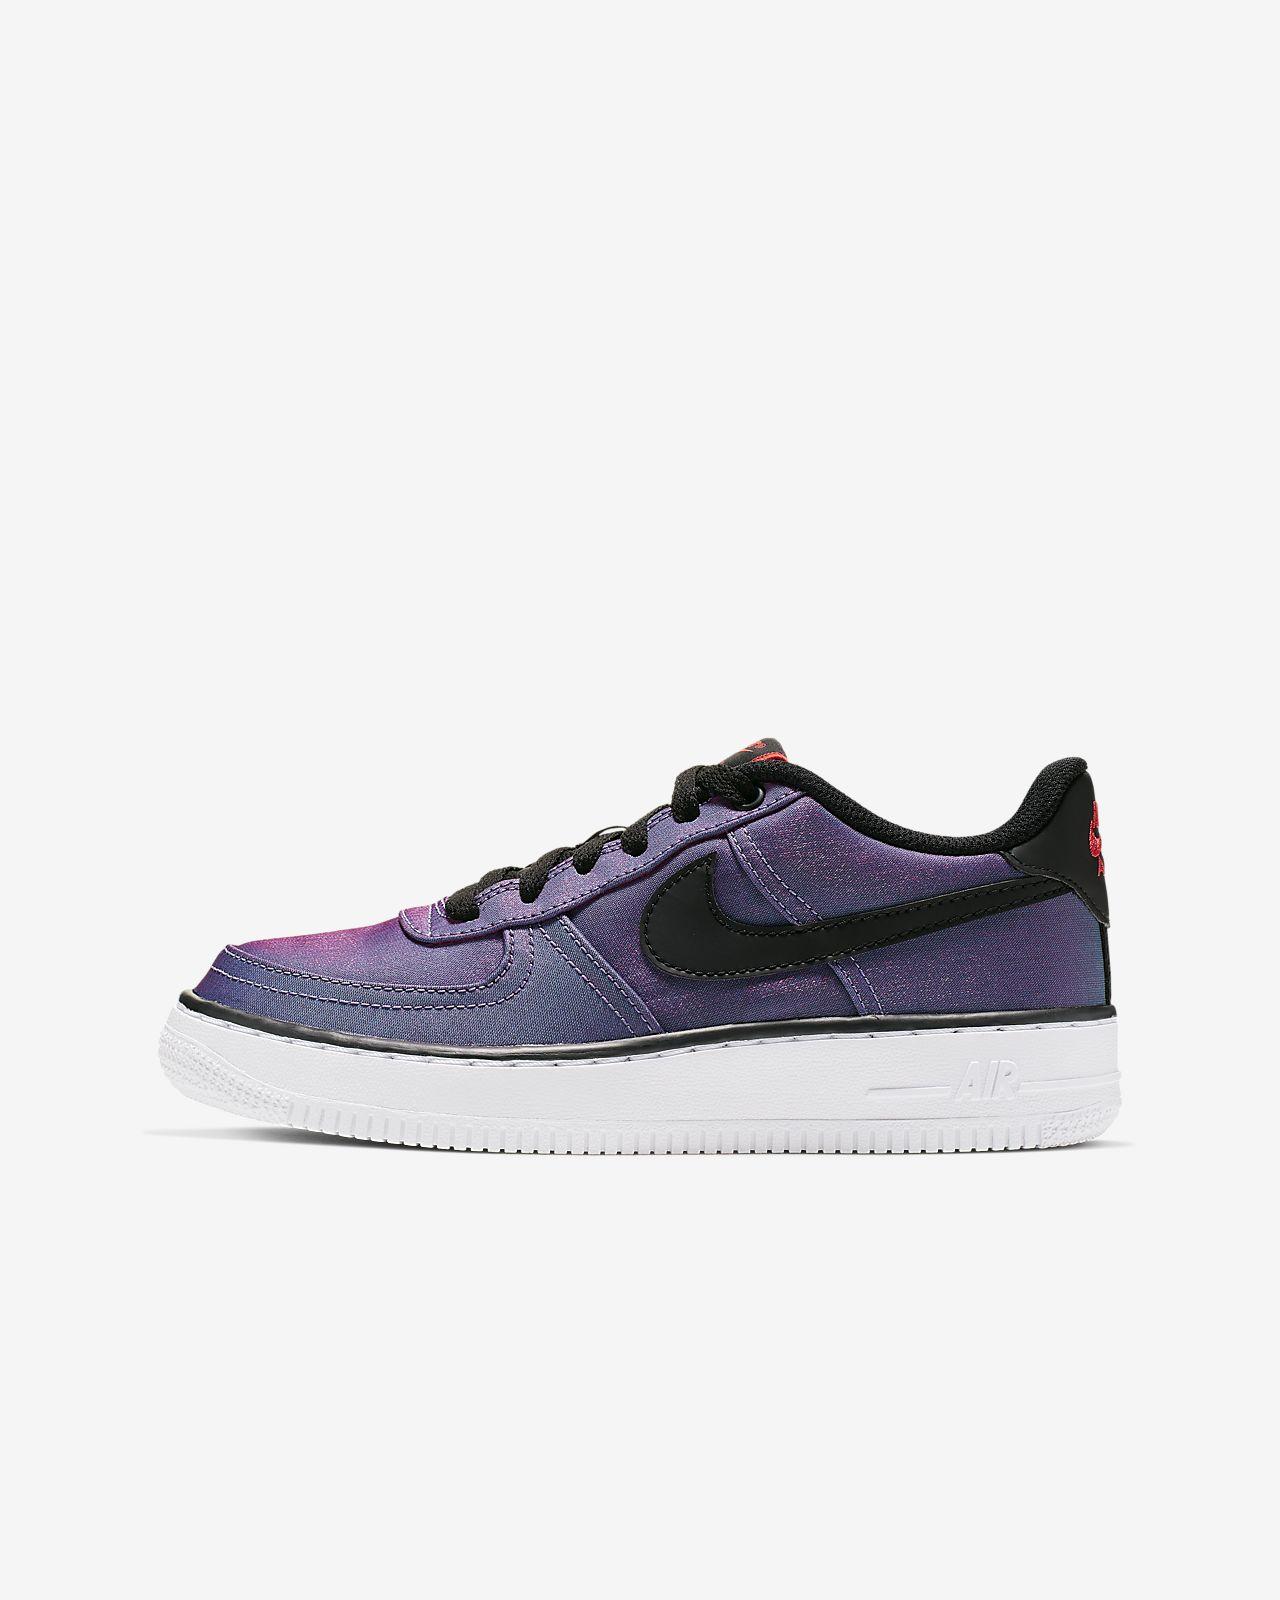 Shift Chaussure Âgé Air Force Enfant Lv8 1 Nike Pour Plus UVLMqzpGjS